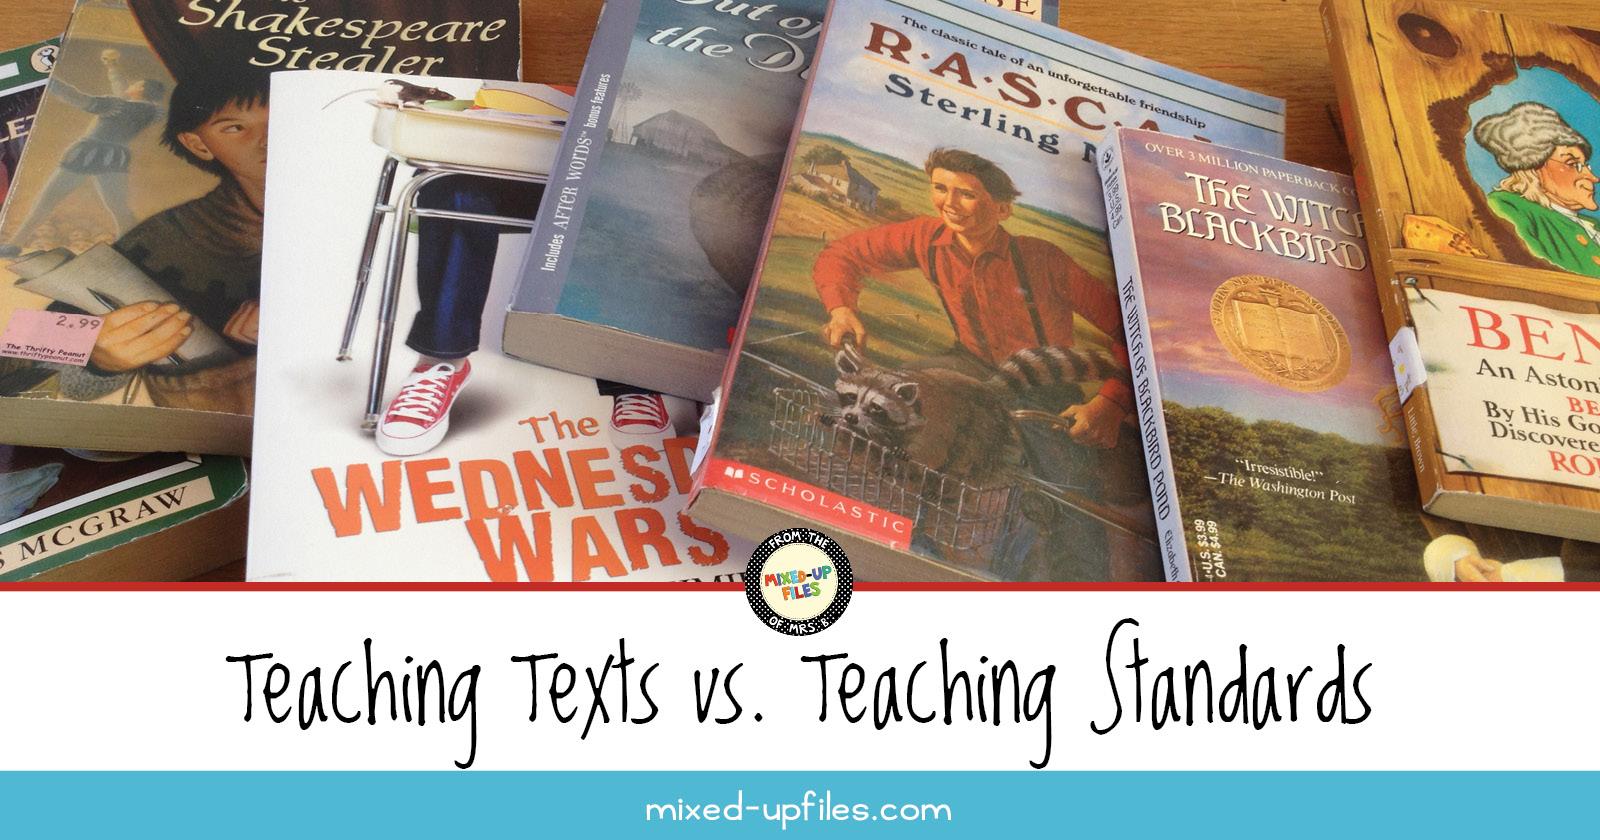 Teaching Texts vs. Teaching Standards